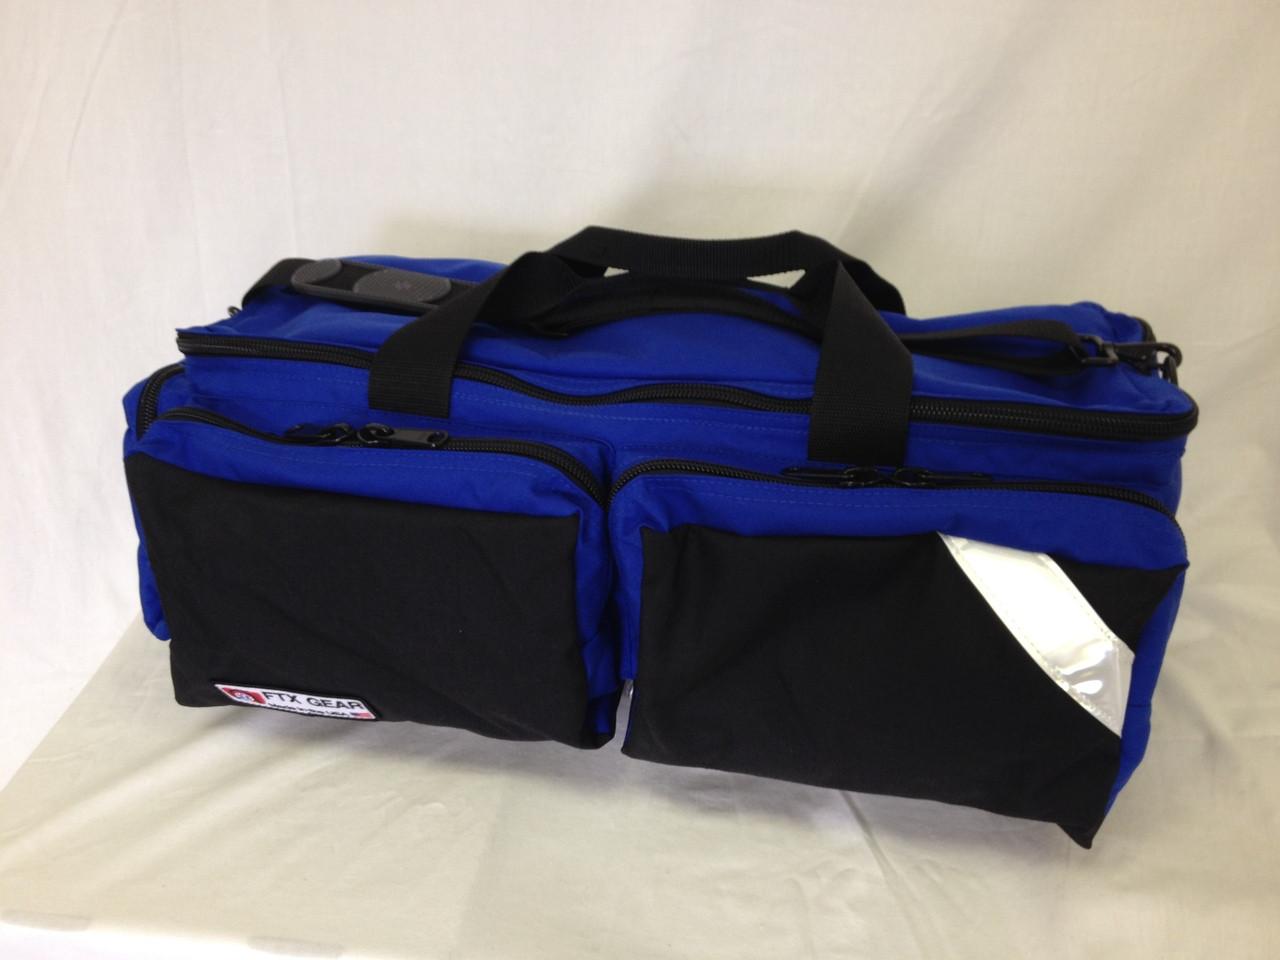 Dual Front Pocket Airpack Royal